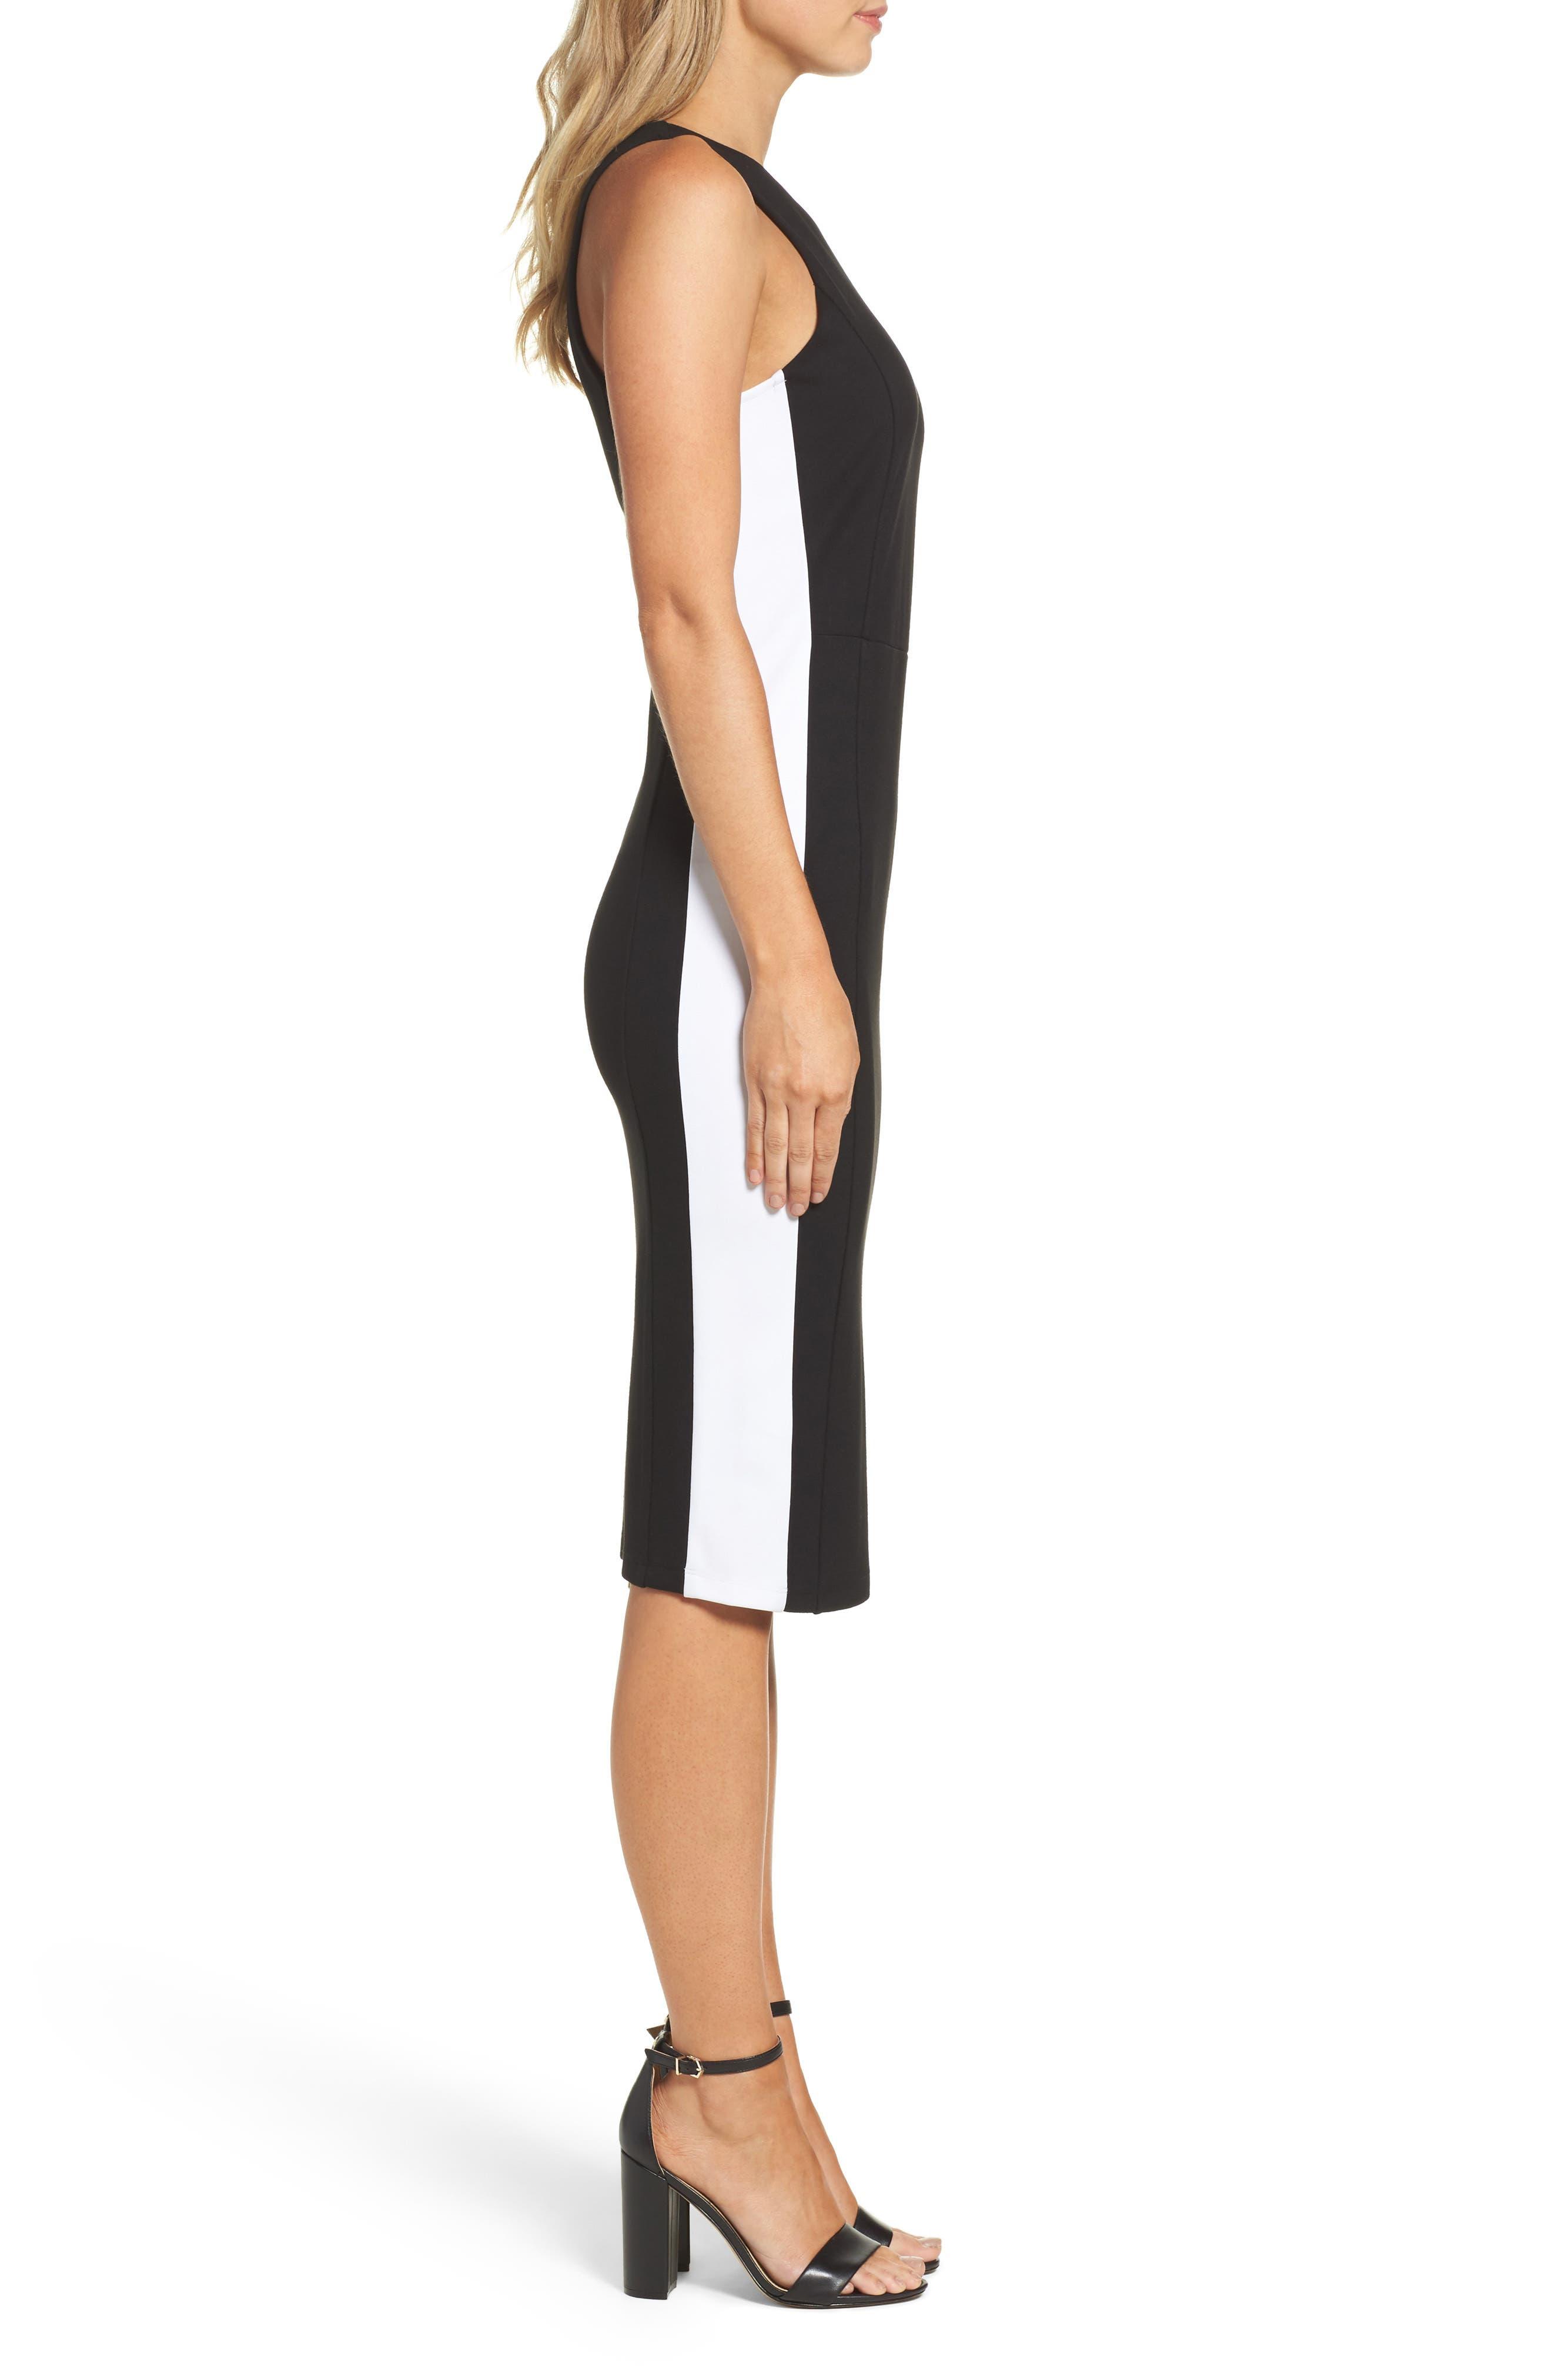 Orlanda Ponte Knit Sheath Dress,                             Alternate thumbnail 3, color,                             Black/ White